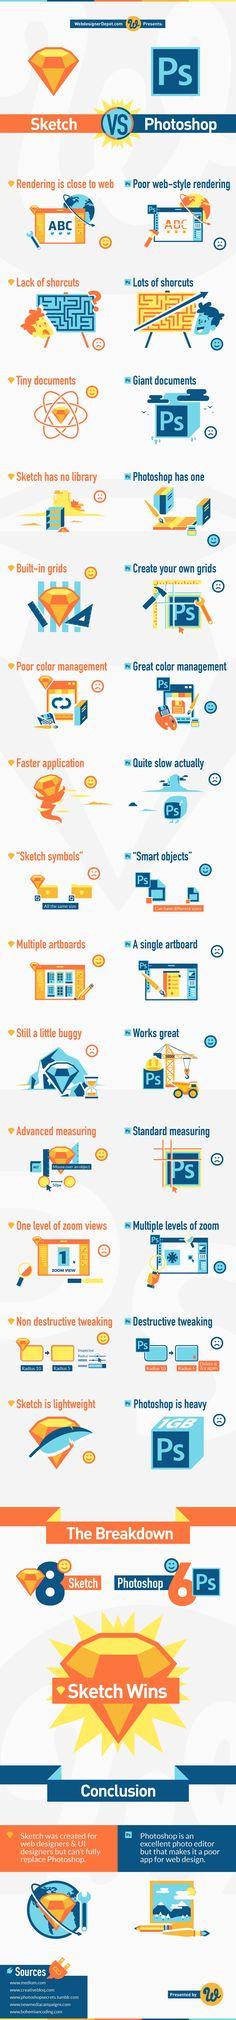 Infographic: Sketch vs Photoshop | Webdesigner Depot